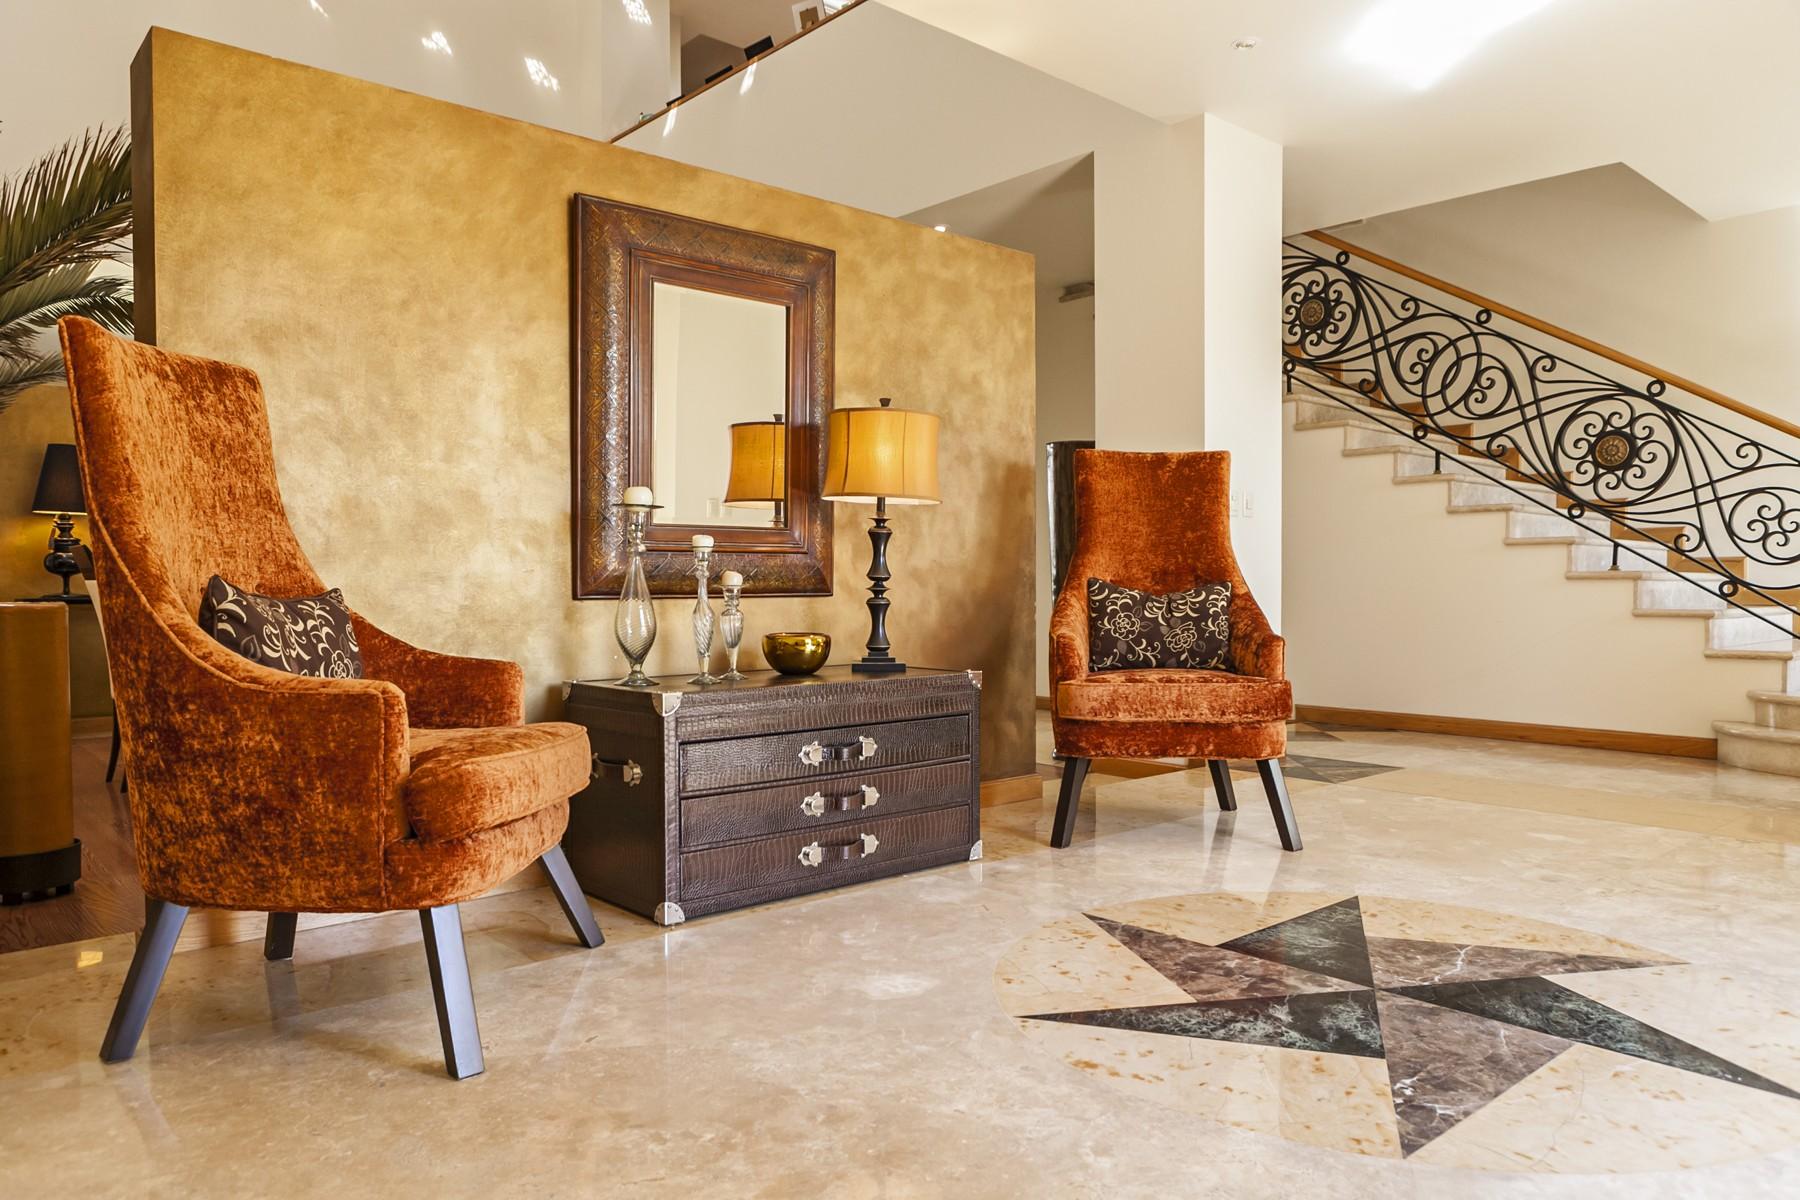 Single Family Home for Sale at Casa del Marques, Guadalajara. Calle del Marques 3978 Zapopan, 45110 Mexico